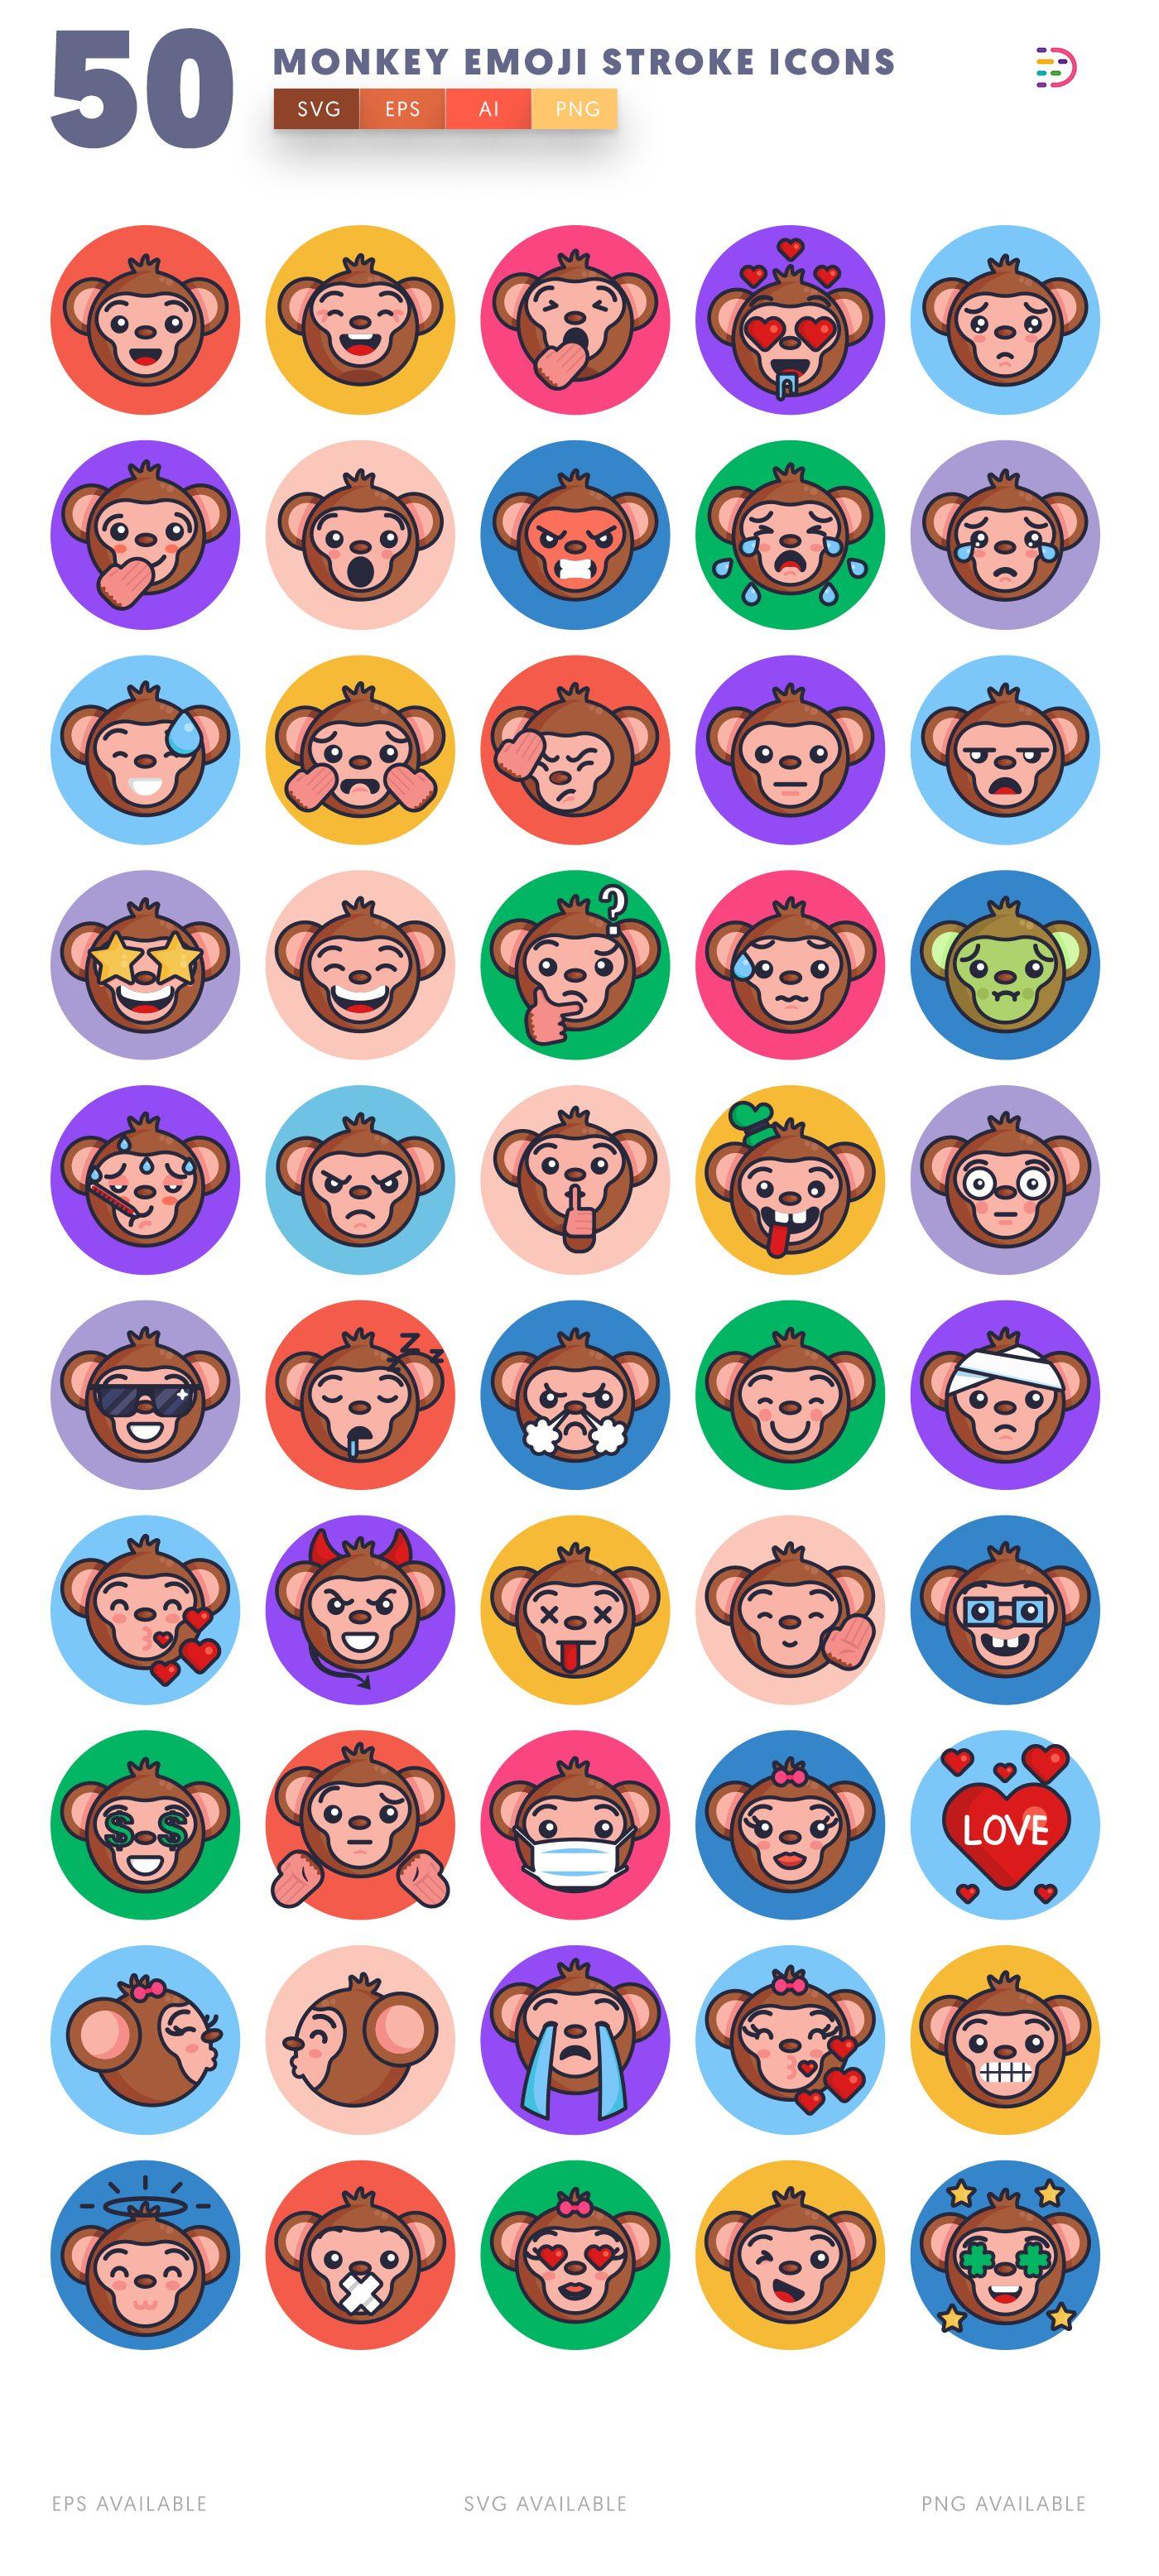 Monkey Emoji Stroke icon pack